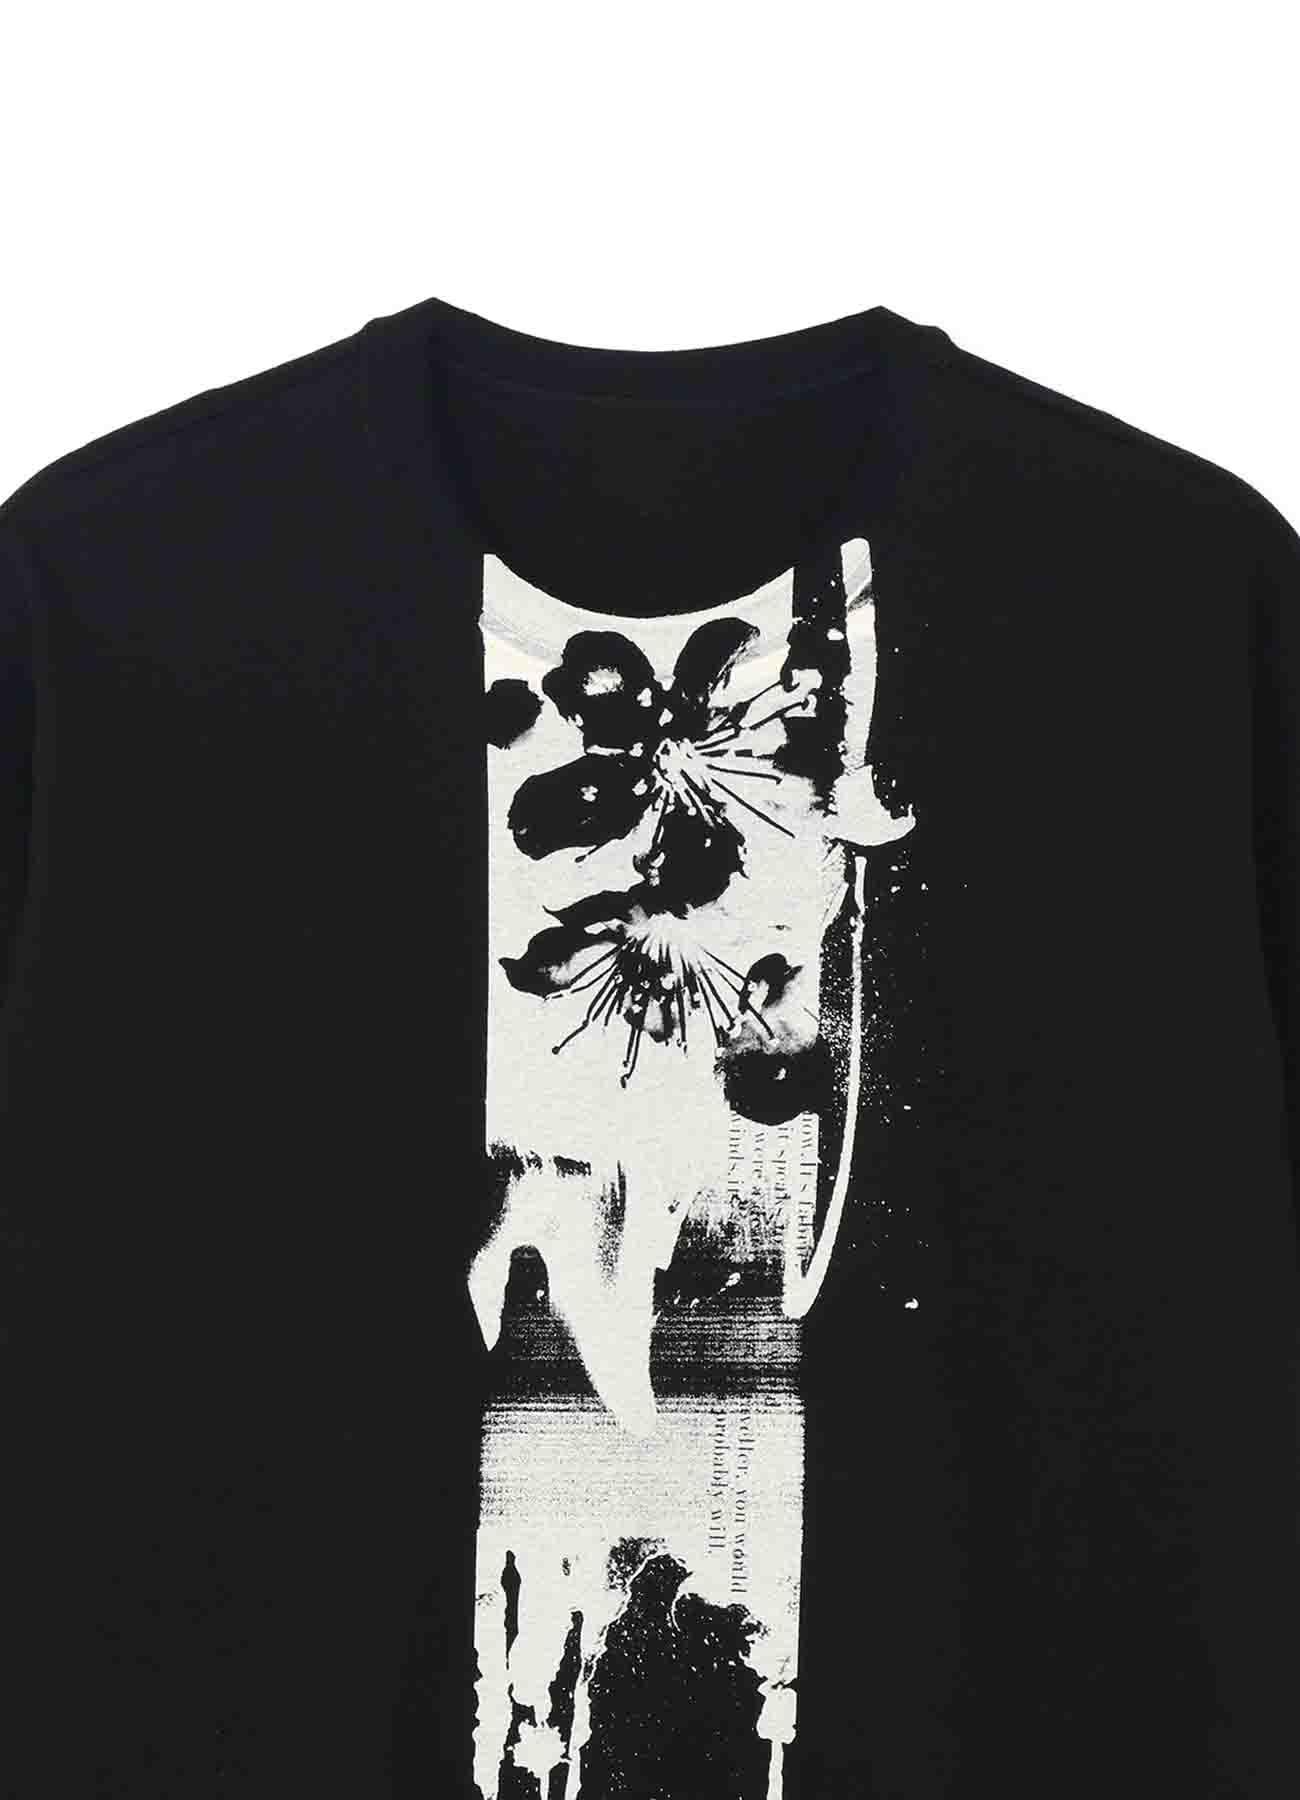 Plum blossom T-shirt